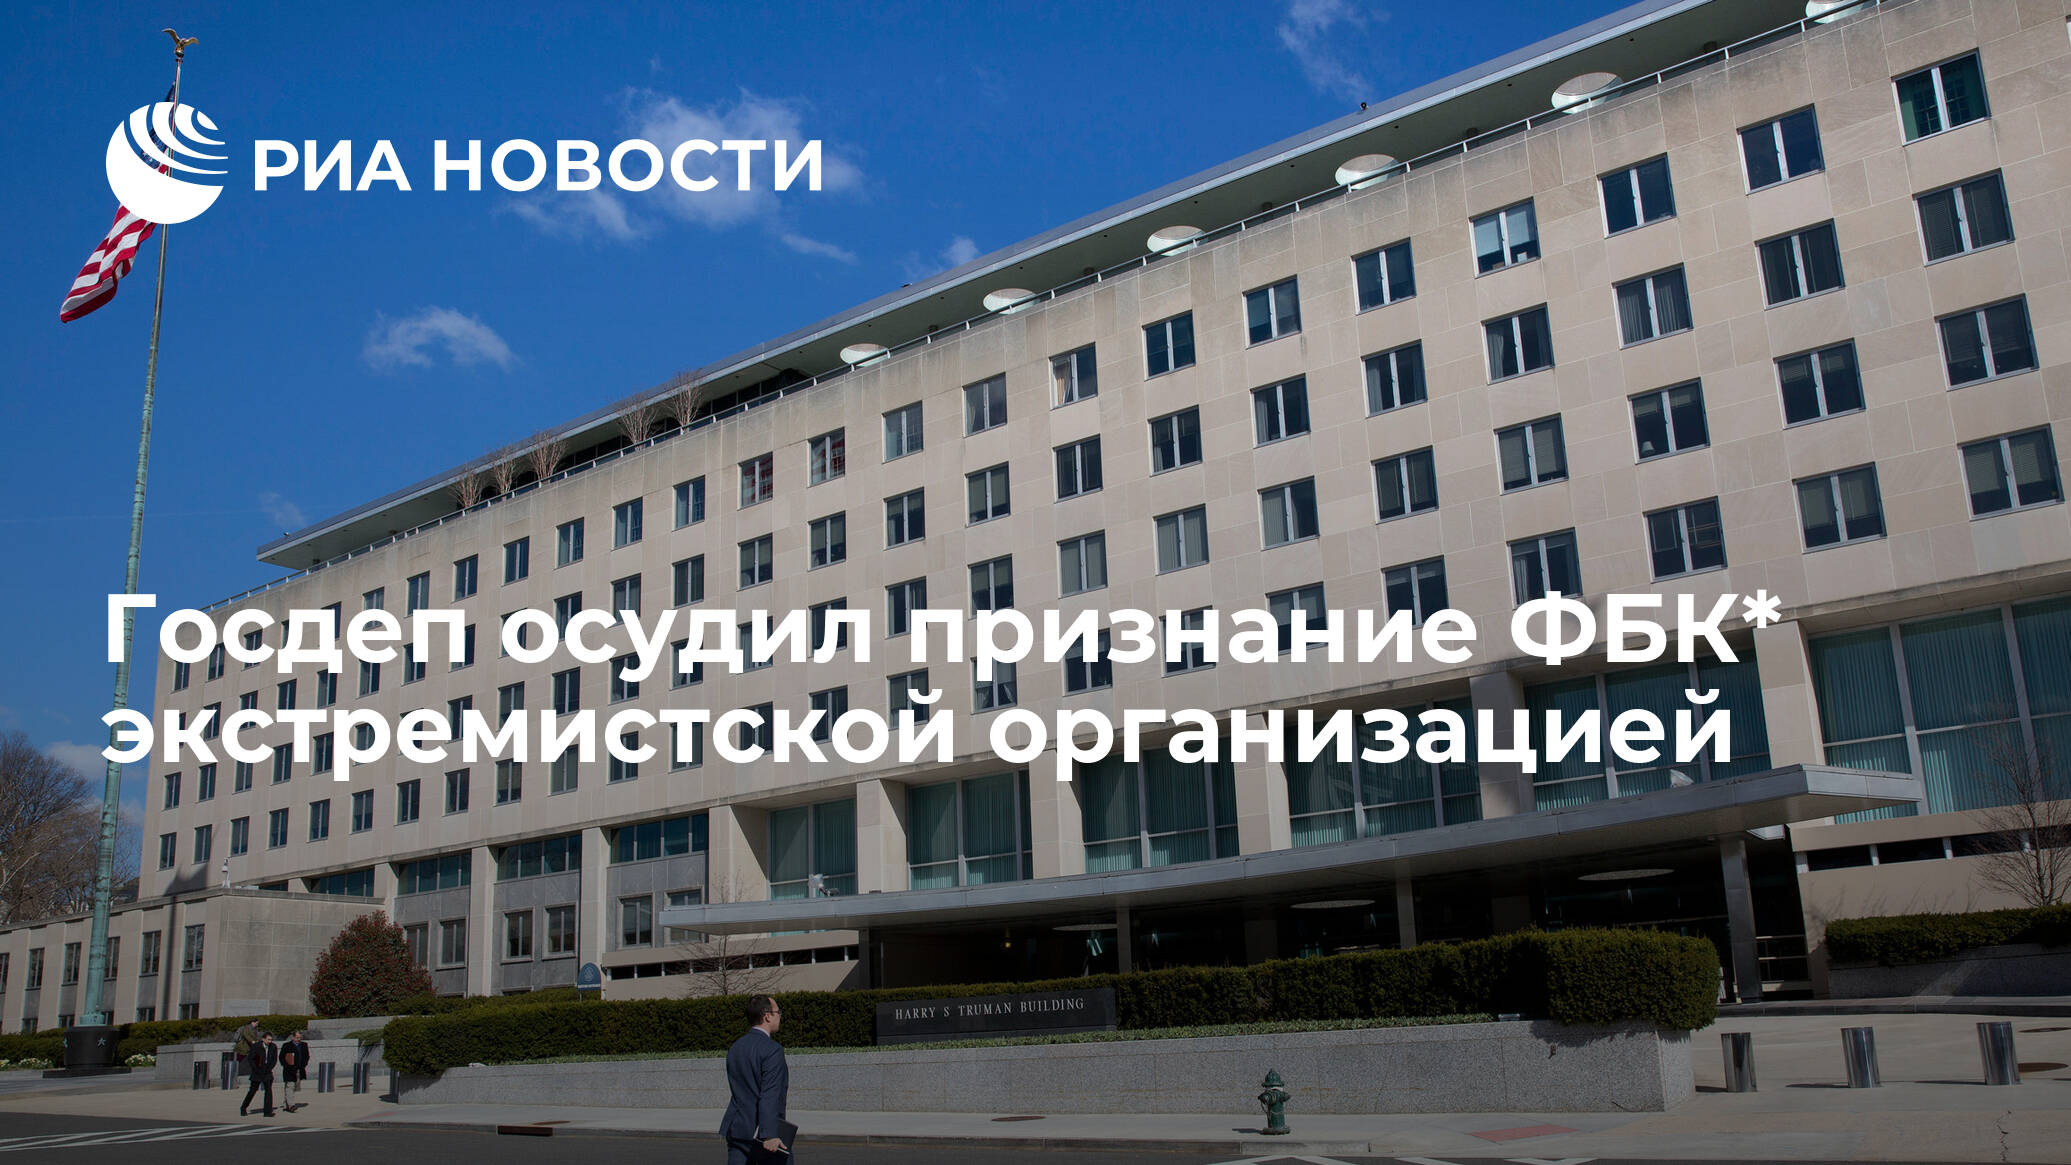 Госдеп осудил признание ФБК* экстремистской организацией